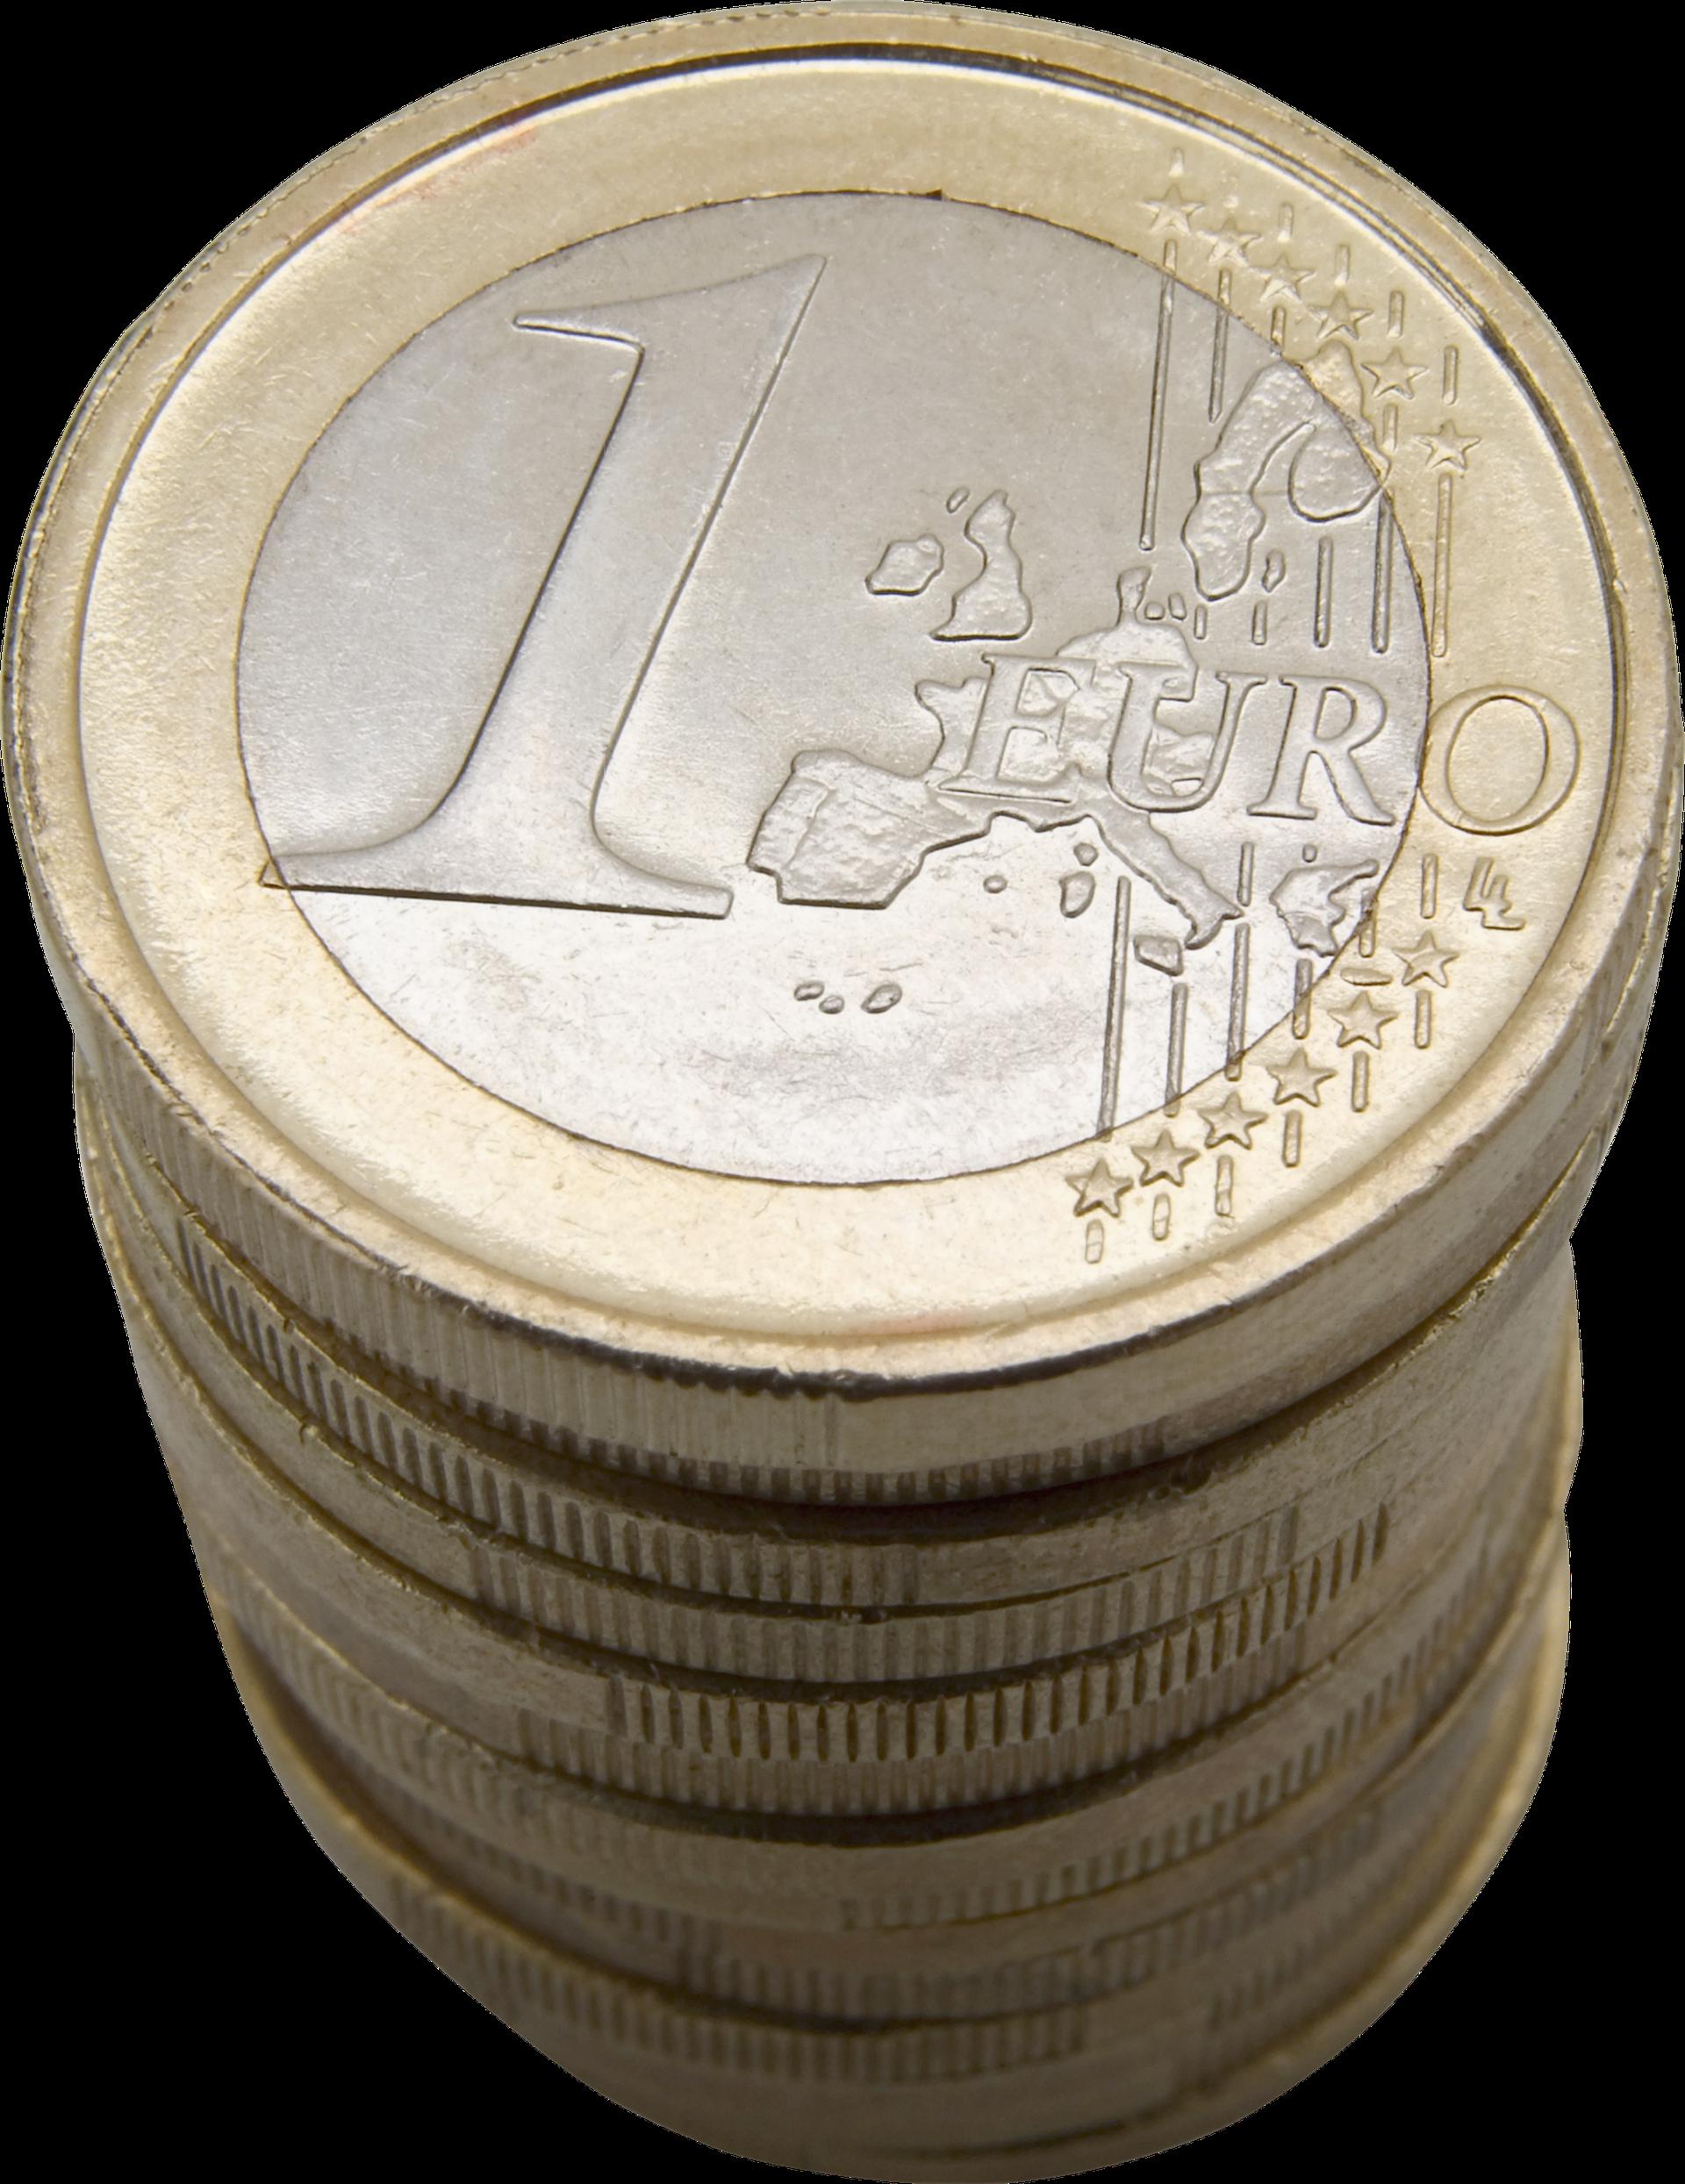 Con un € 1 al giorno: la più approfondita e rapida delle analisi finanziarie